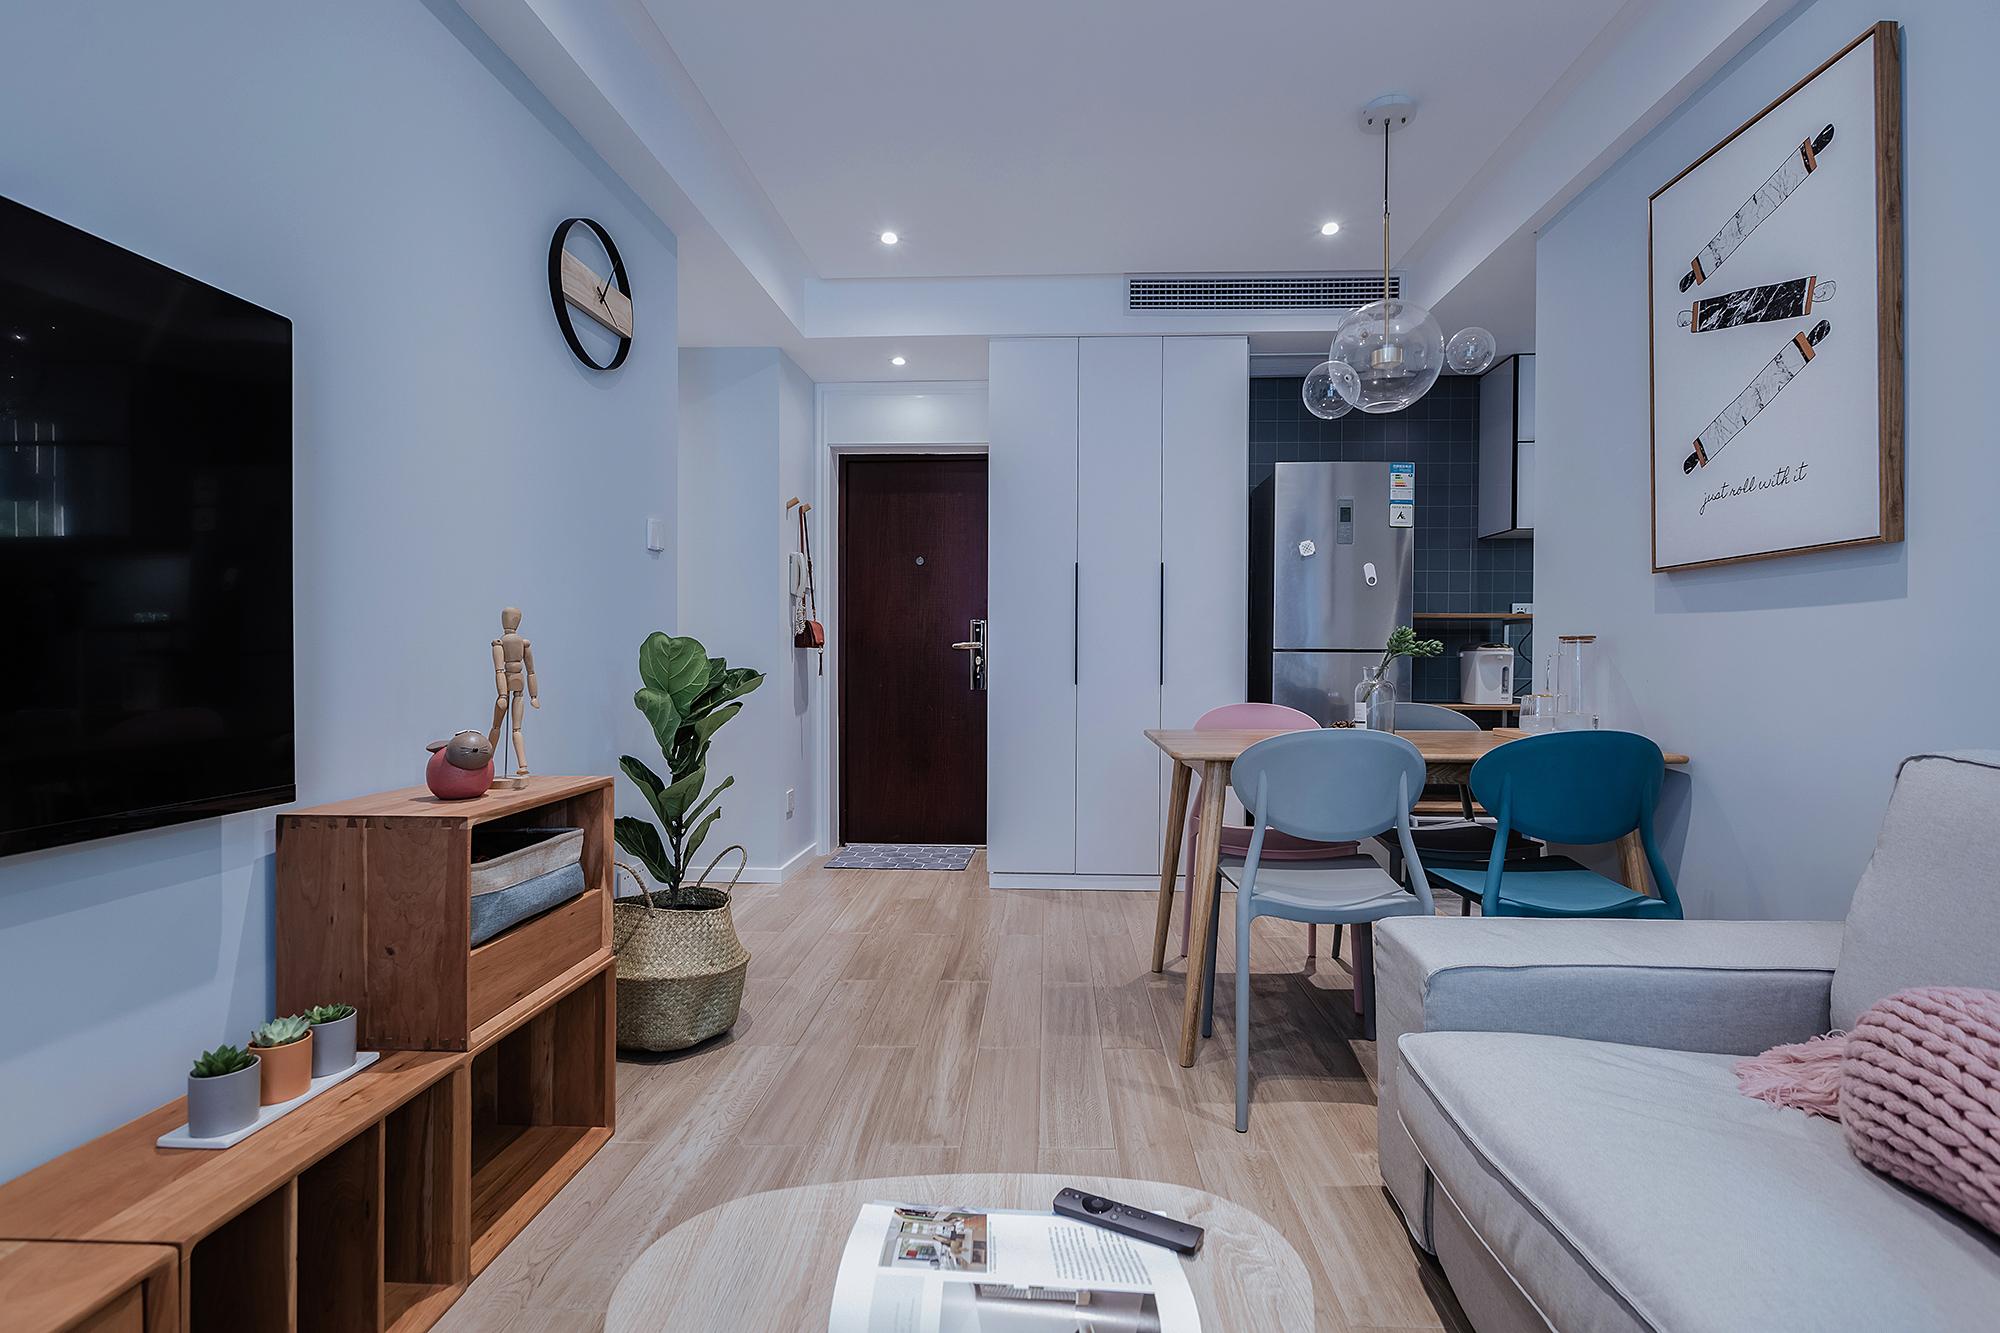 悠雅55平简约小户型客厅装修美图客厅现代简约客厅设计图片赏析